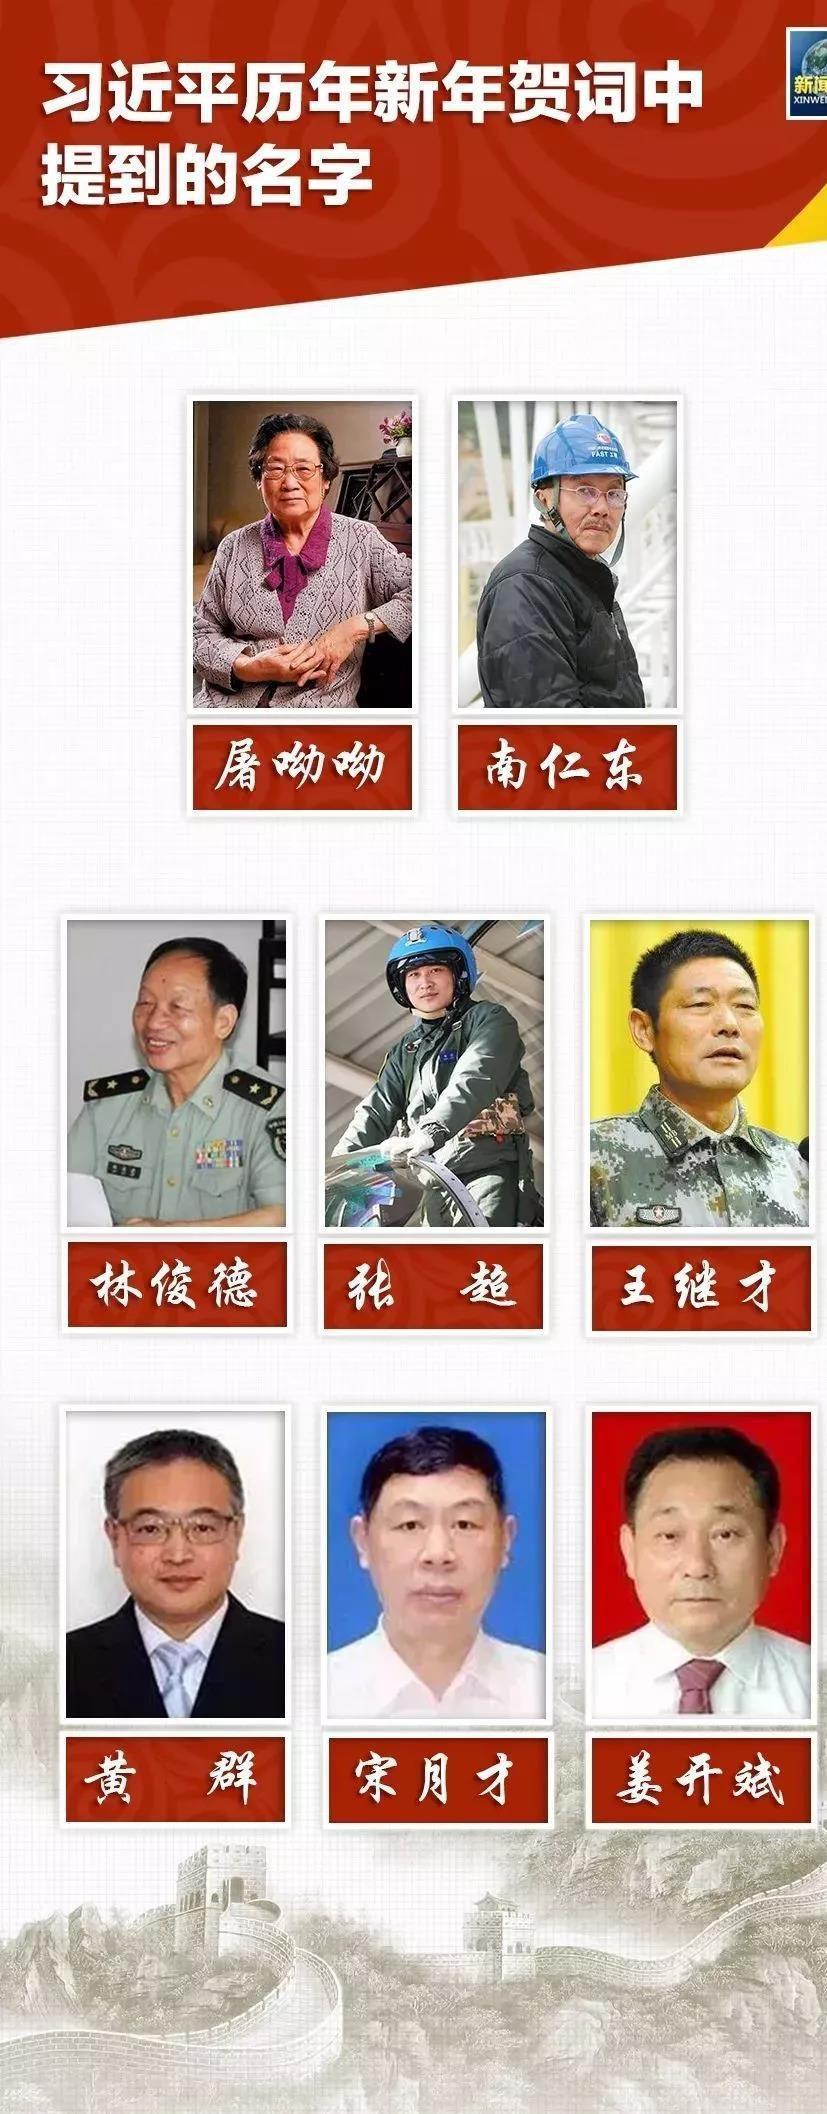 http://jszhy.cn/youxi/181570.html